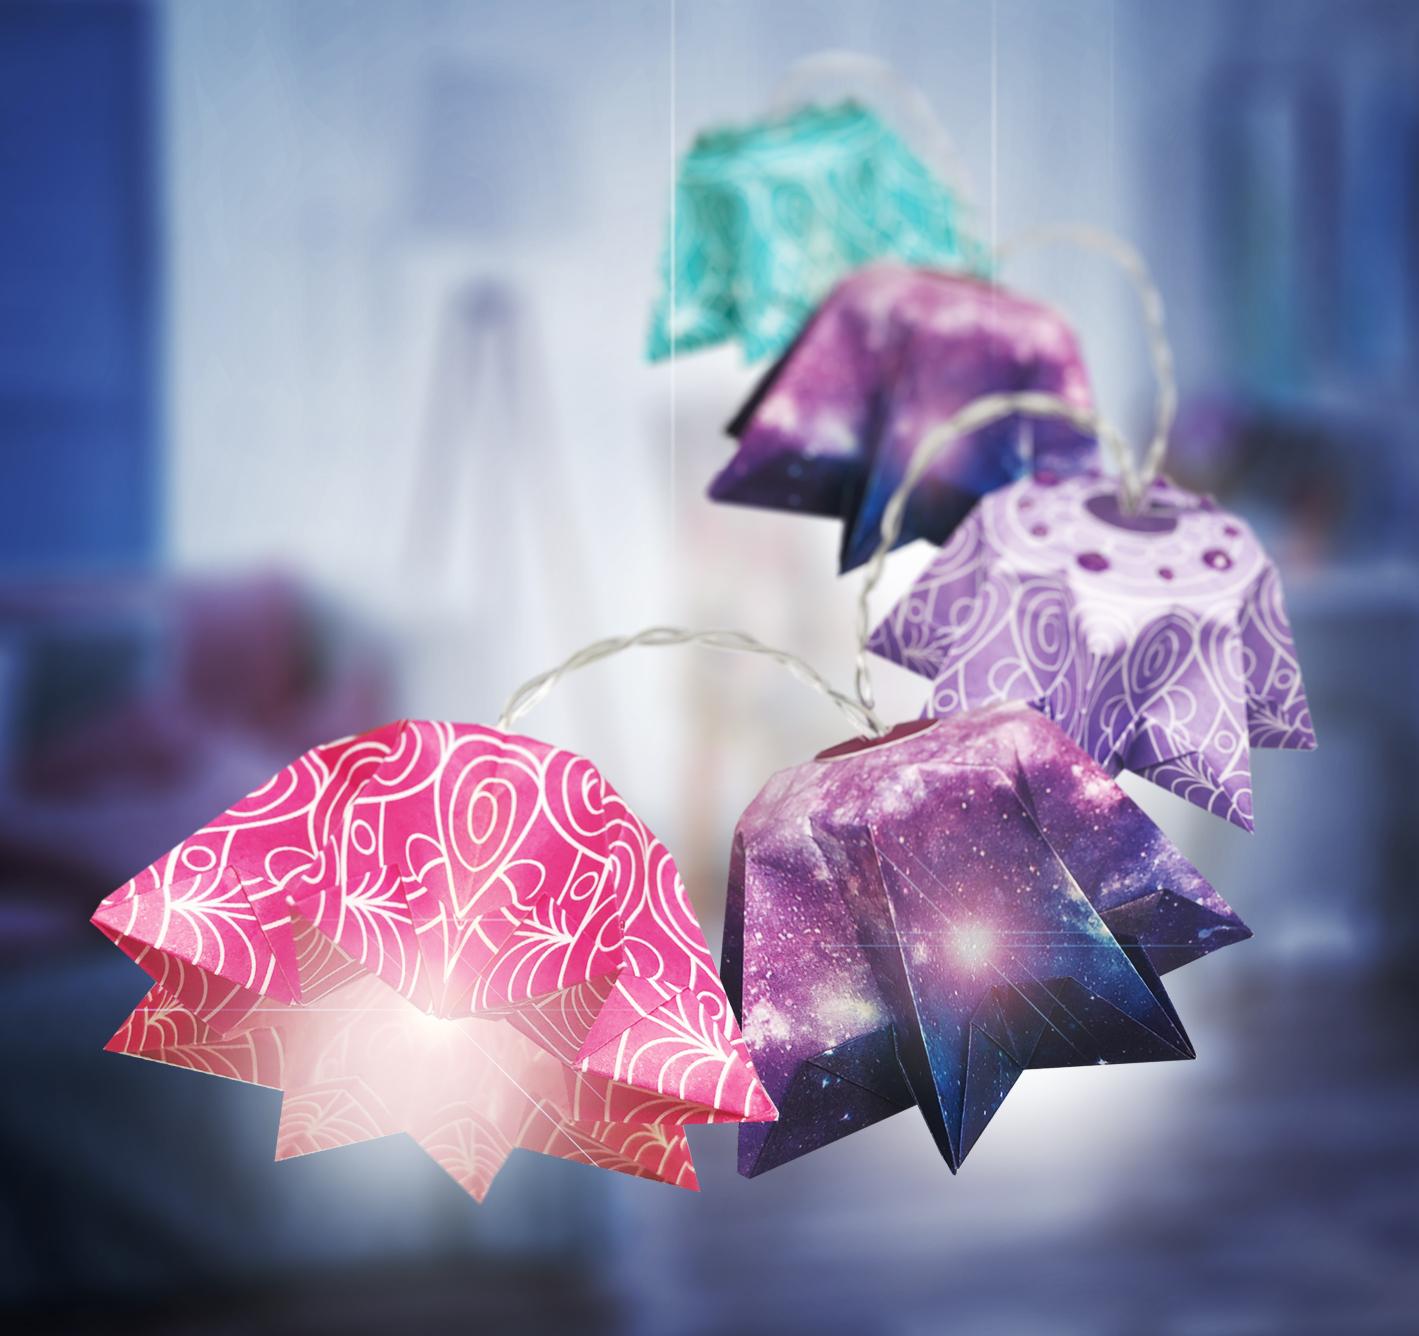 Bijoux cristaux NS - Lifestyle